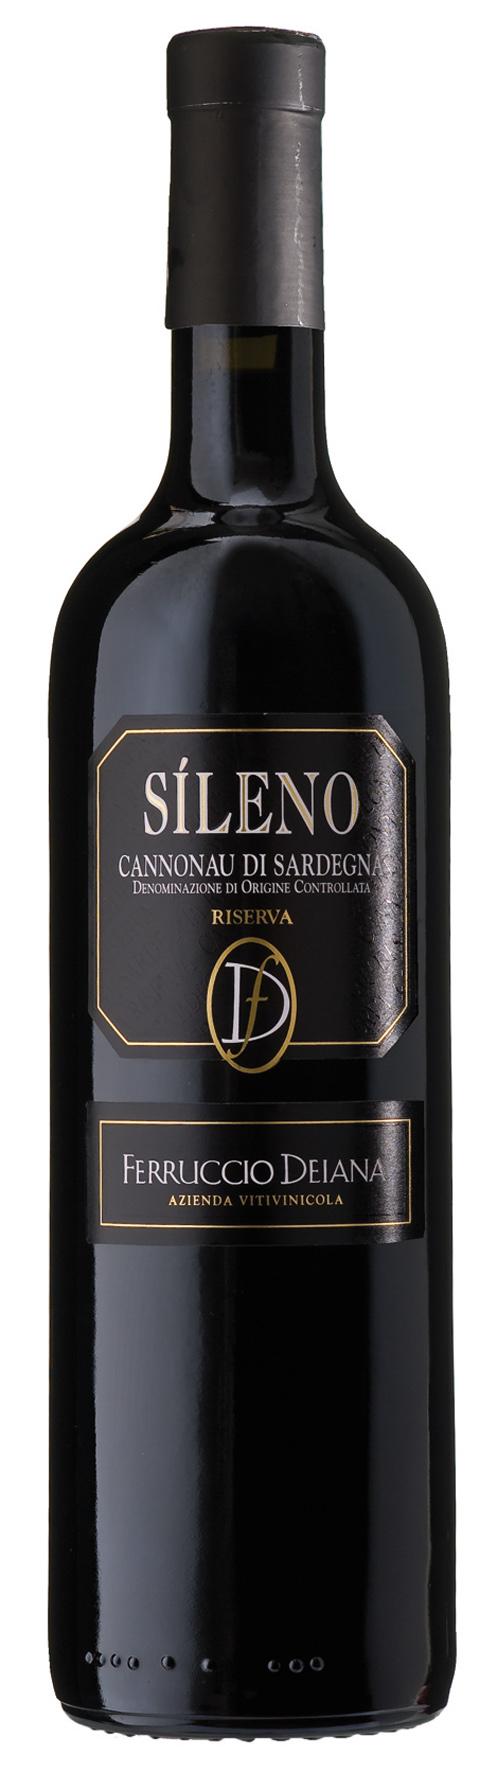 2014 Sileno Cannonau di Sardegna DOC FERRUCCIO DEIANA